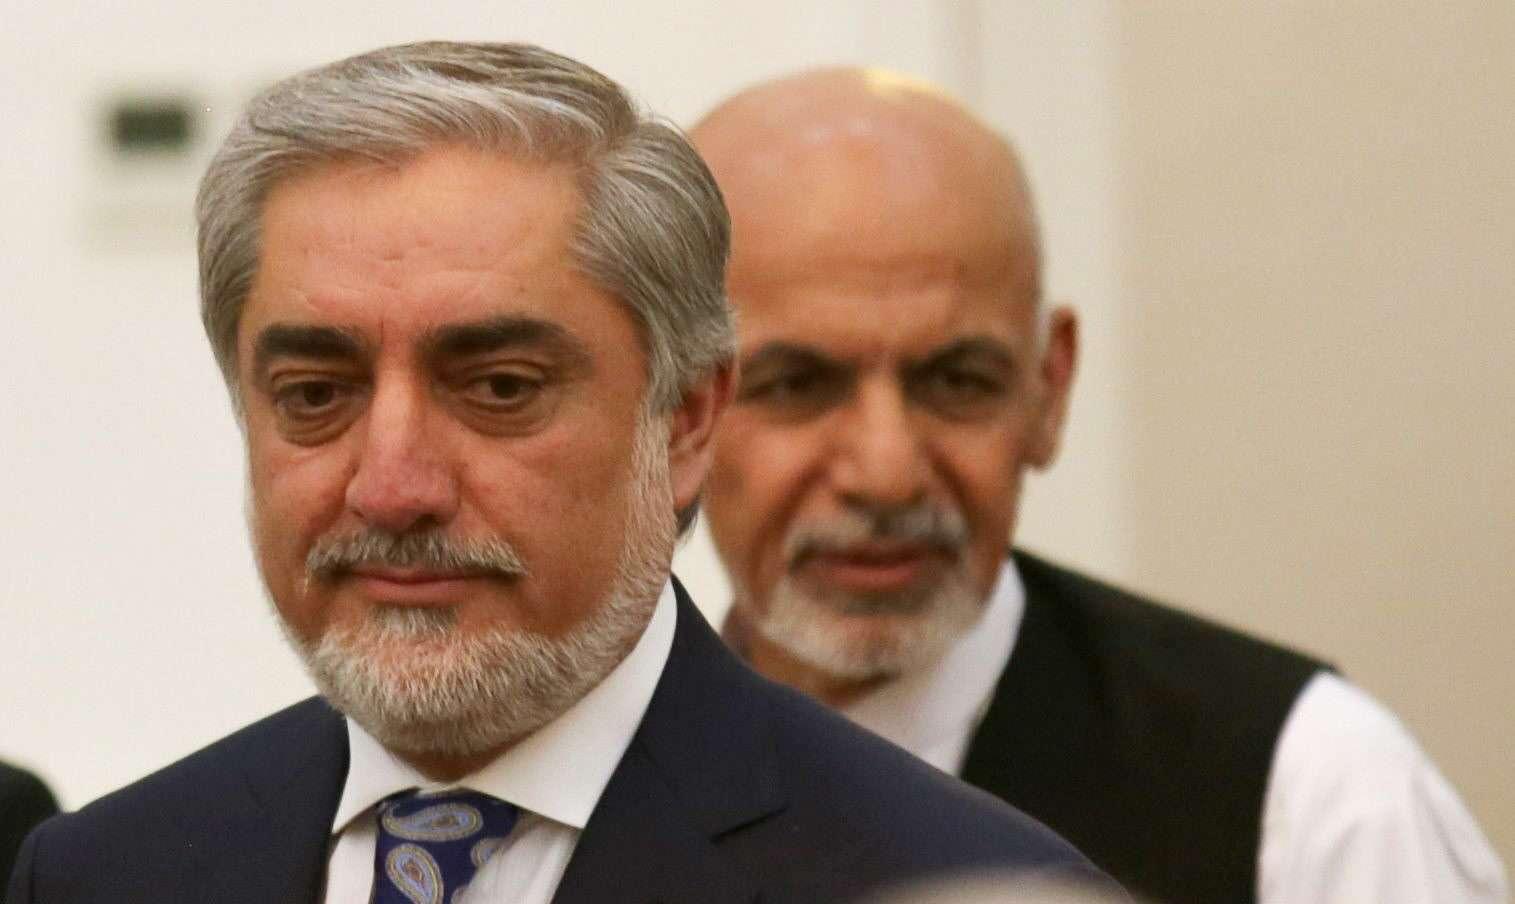 Los candidatos presidenciales afganos, Abdulá Abdulá (i) y Ashraf Ghani (d), asisten a una ceremonia después de firmar un acuerdo para compartir hoy el poder en el palacio presidencial en Kabul, Afganistán. Foto: EFE